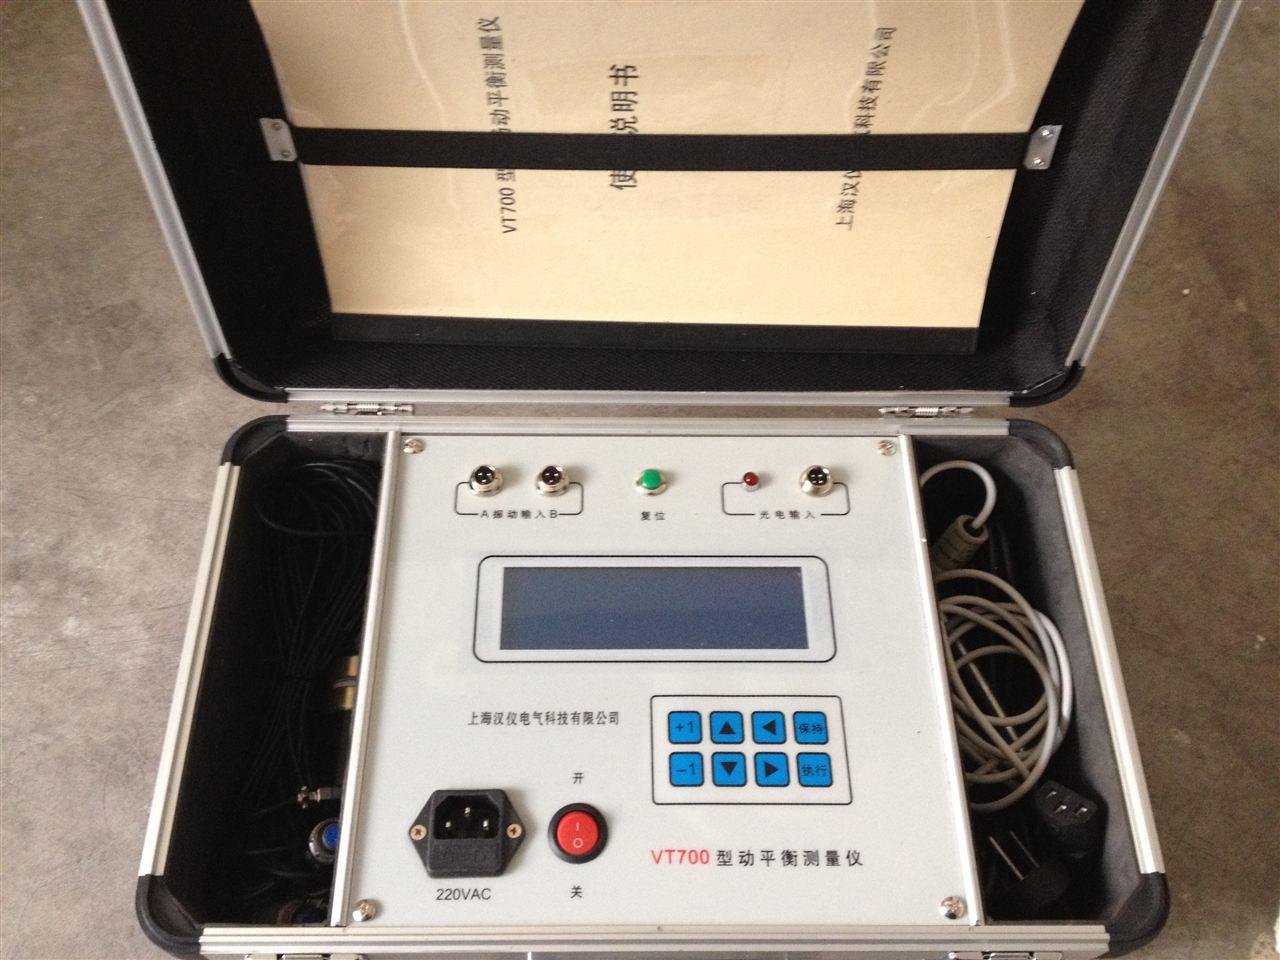 中英双版动平衡测量仪瞄准国内外最高技术,采用大规模集成电路和单片